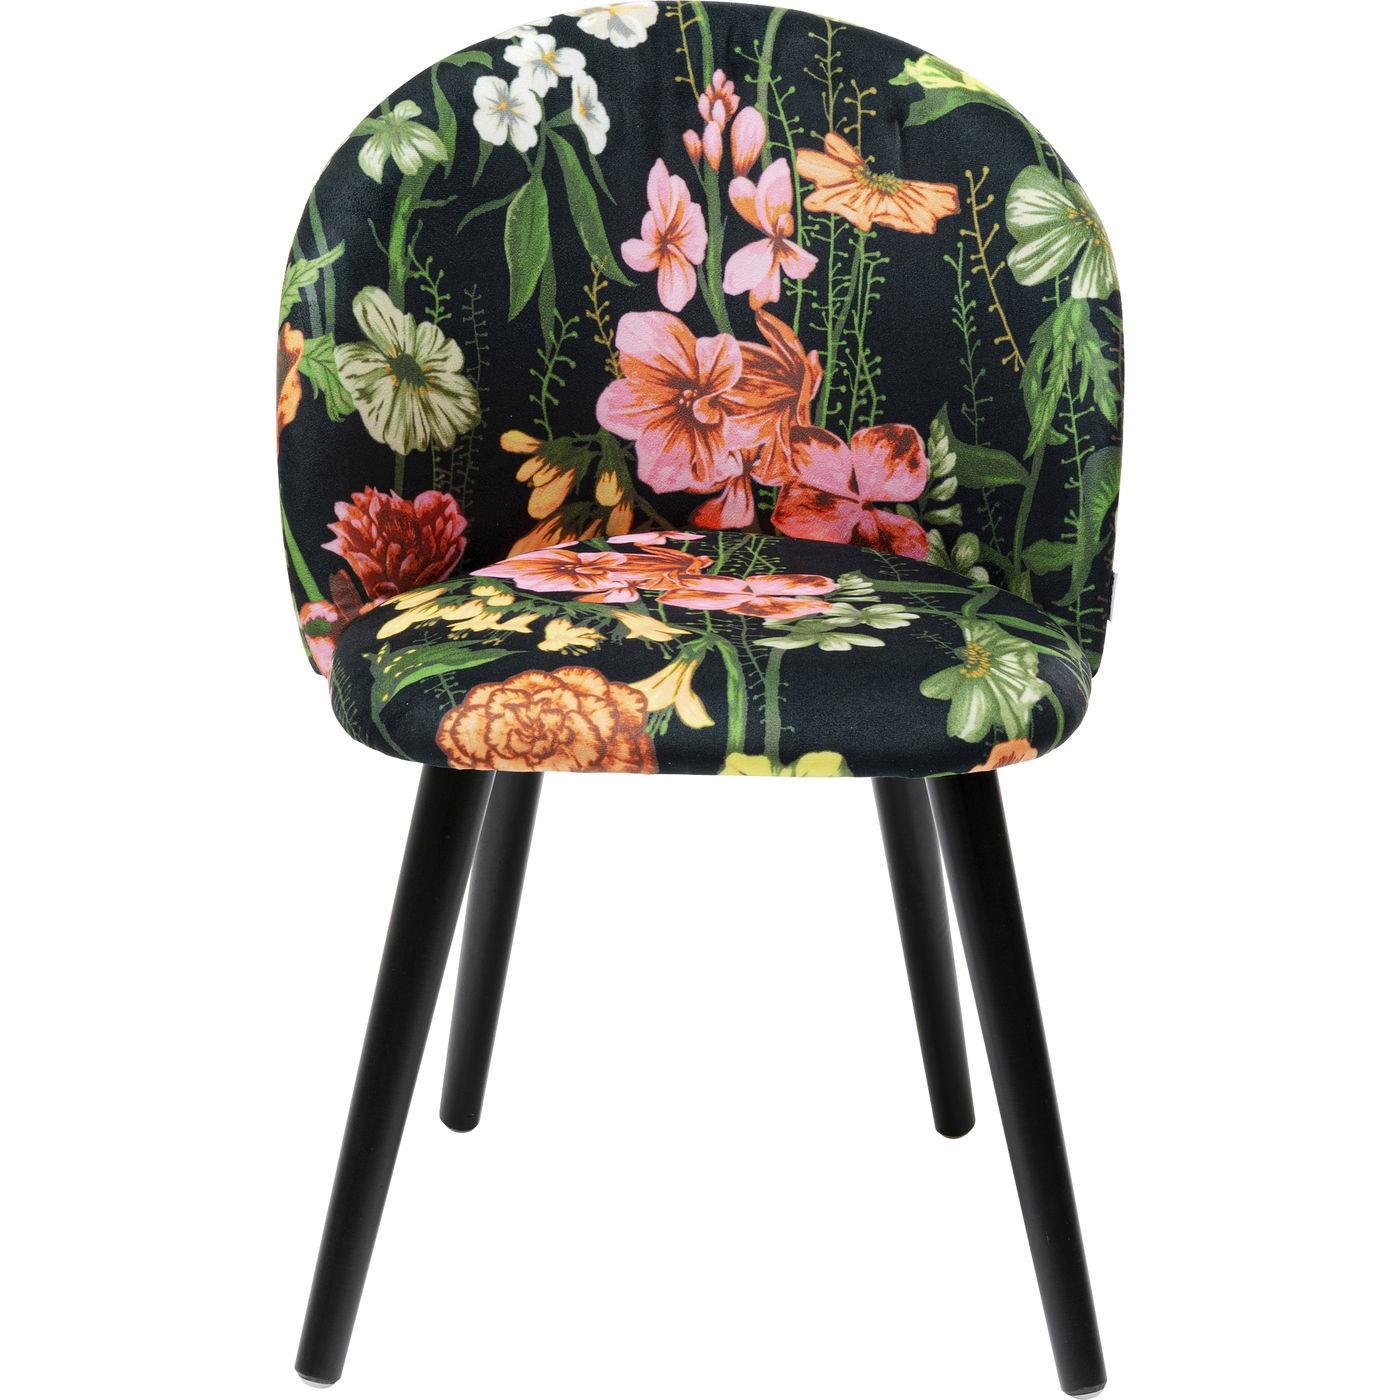 Chaise en tissu noir imprimés fleurs et pin